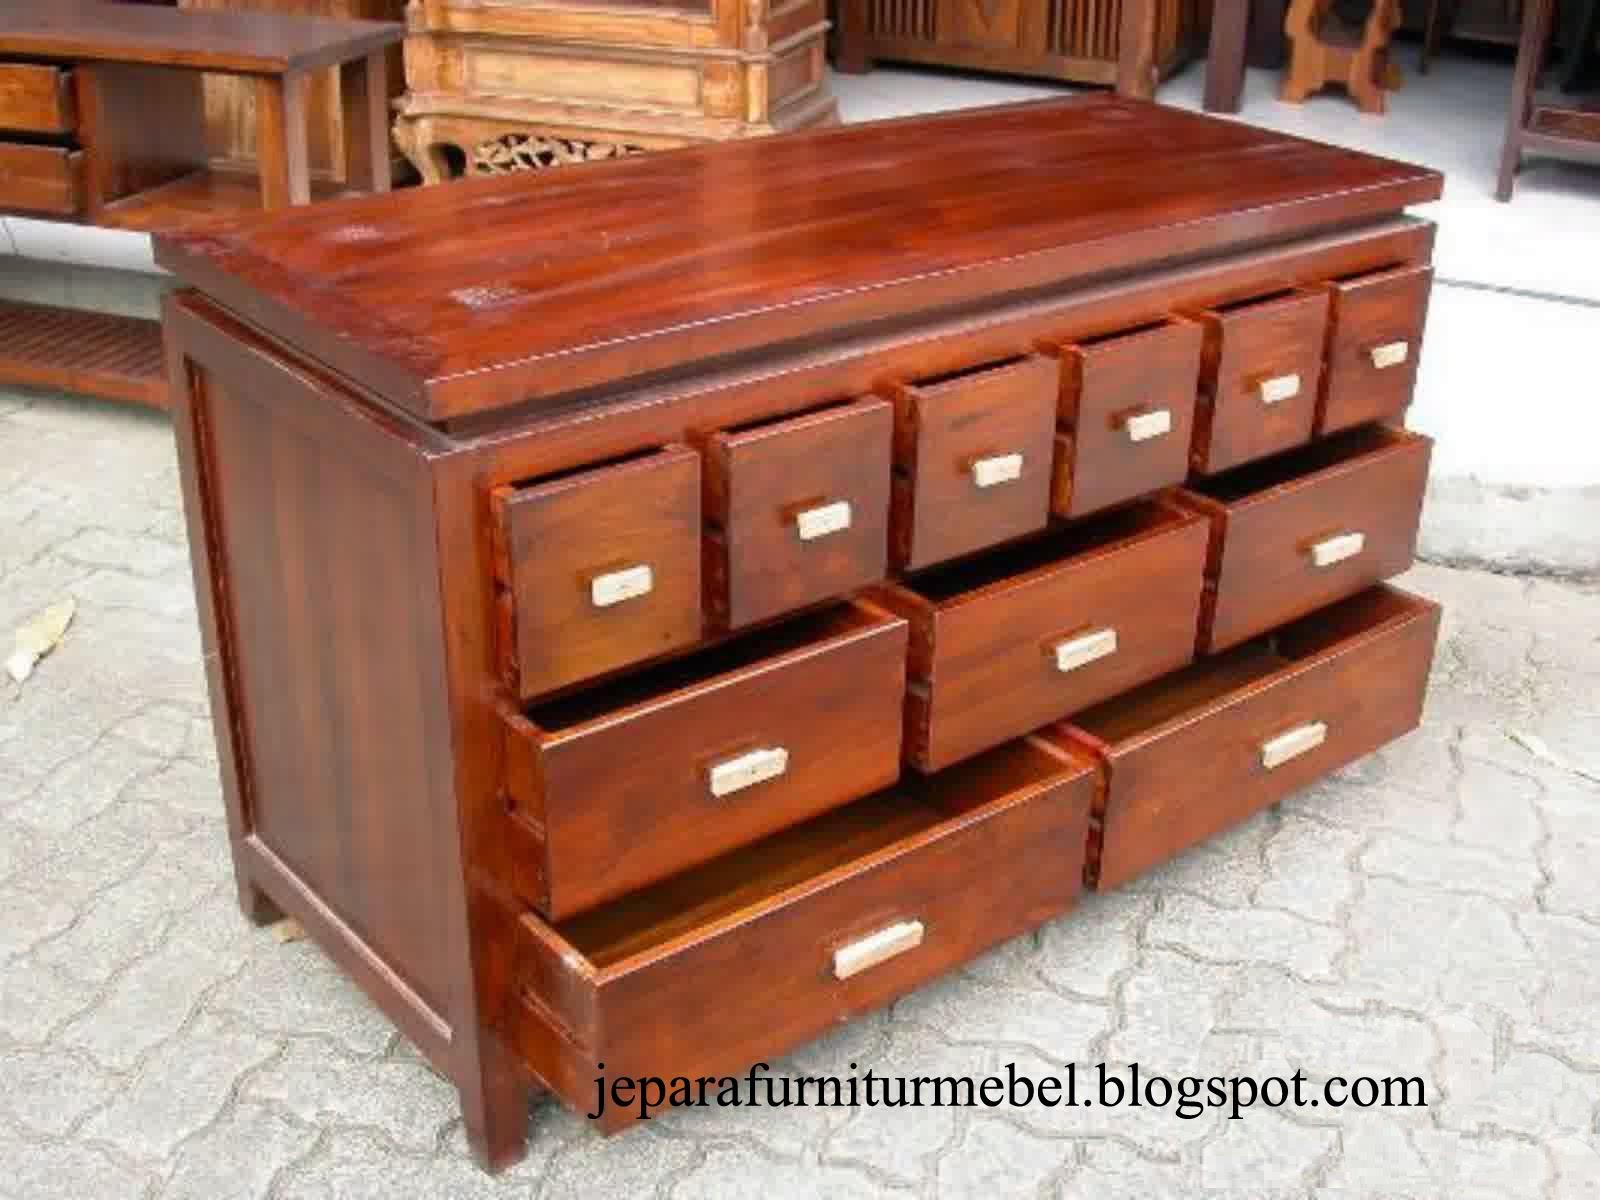 Produk Furniture Jati Mebel Jepara Jual Sofa Minimalis ...